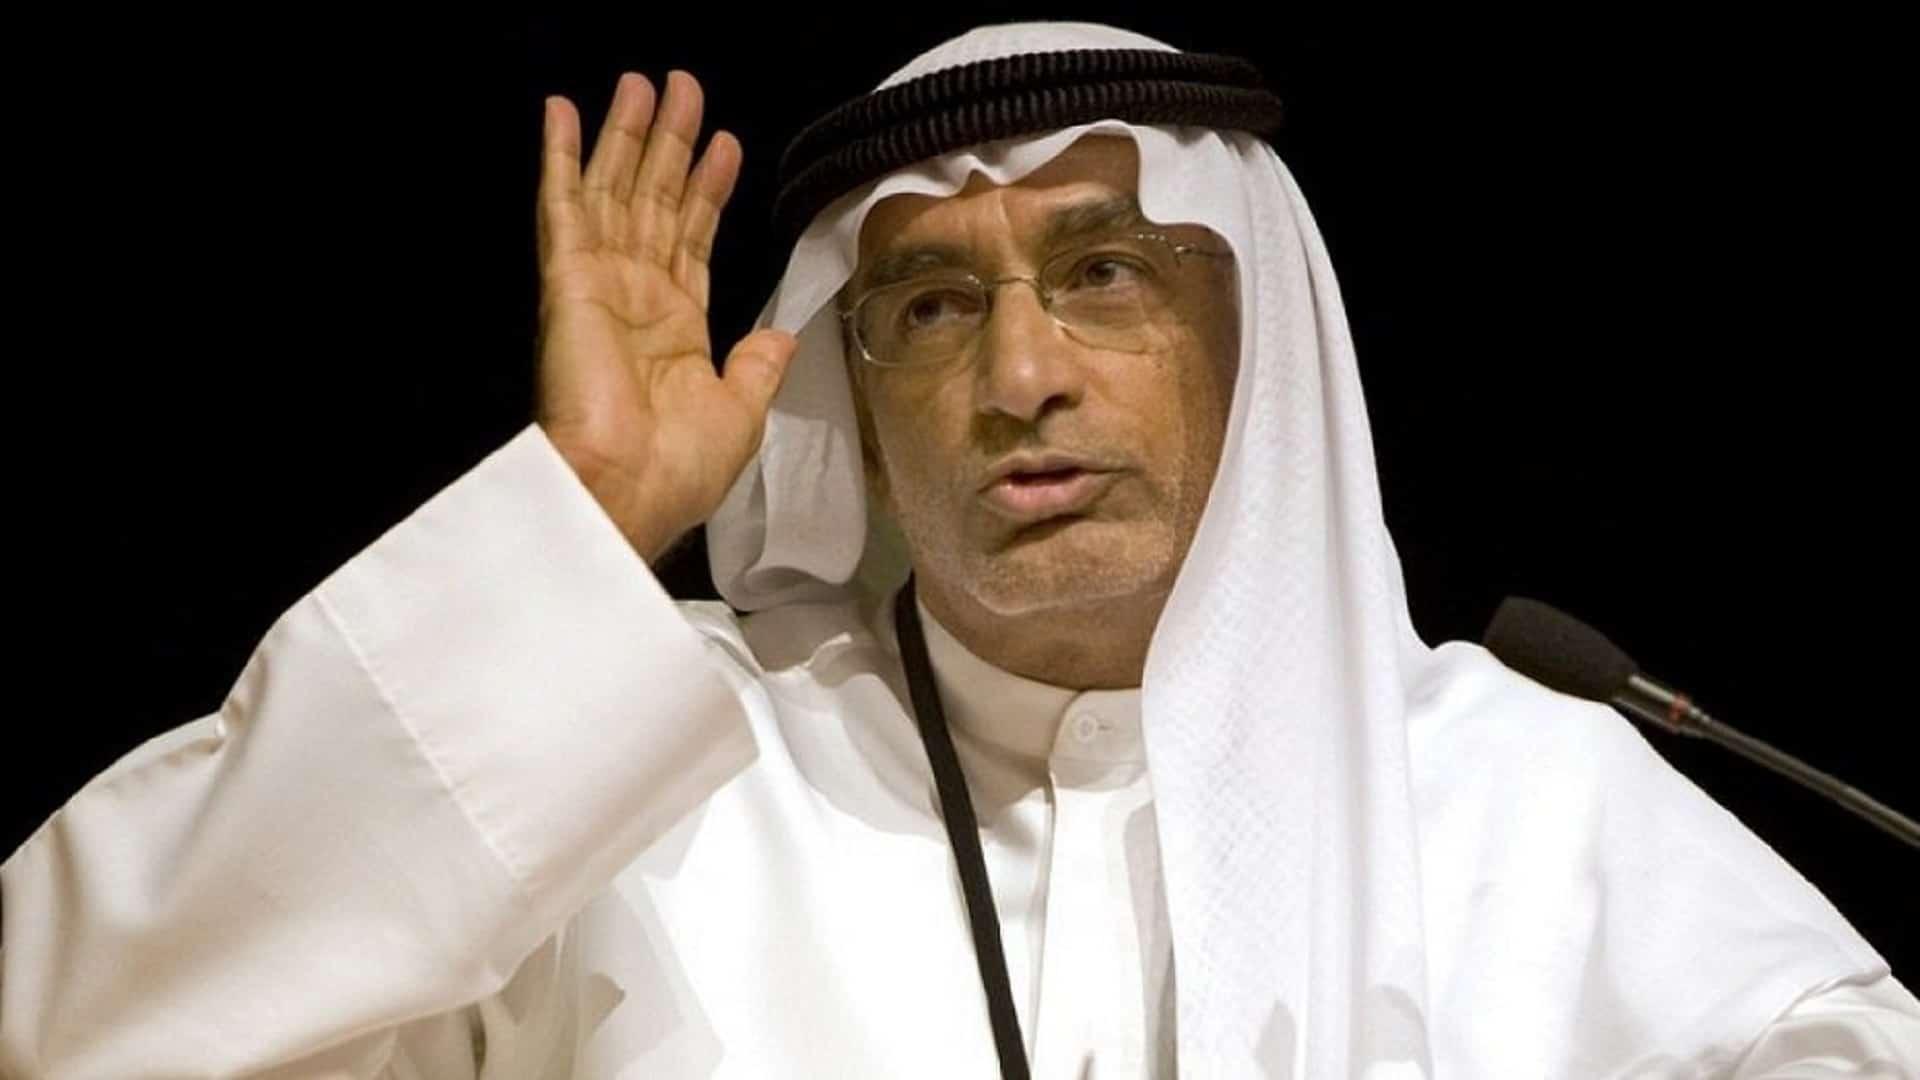 عبدالخالق عبدالله يُحرض على مفتي سلطنة عمان وينتقد رسالته للشعب الأفغاني